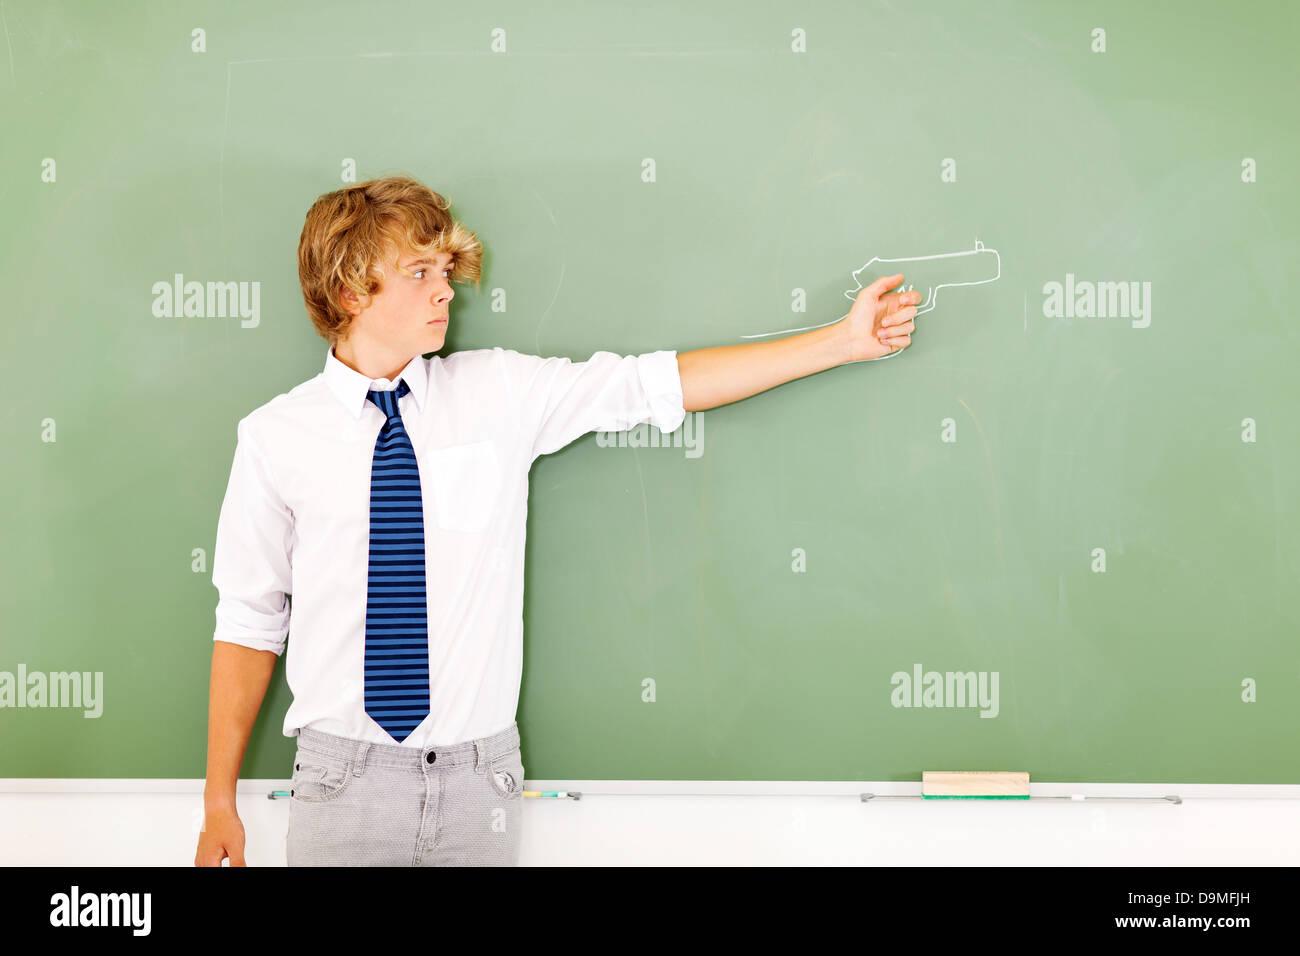 Violento high school boy in possesso di una pistola disegnato sulla lavagna Immagini Stock